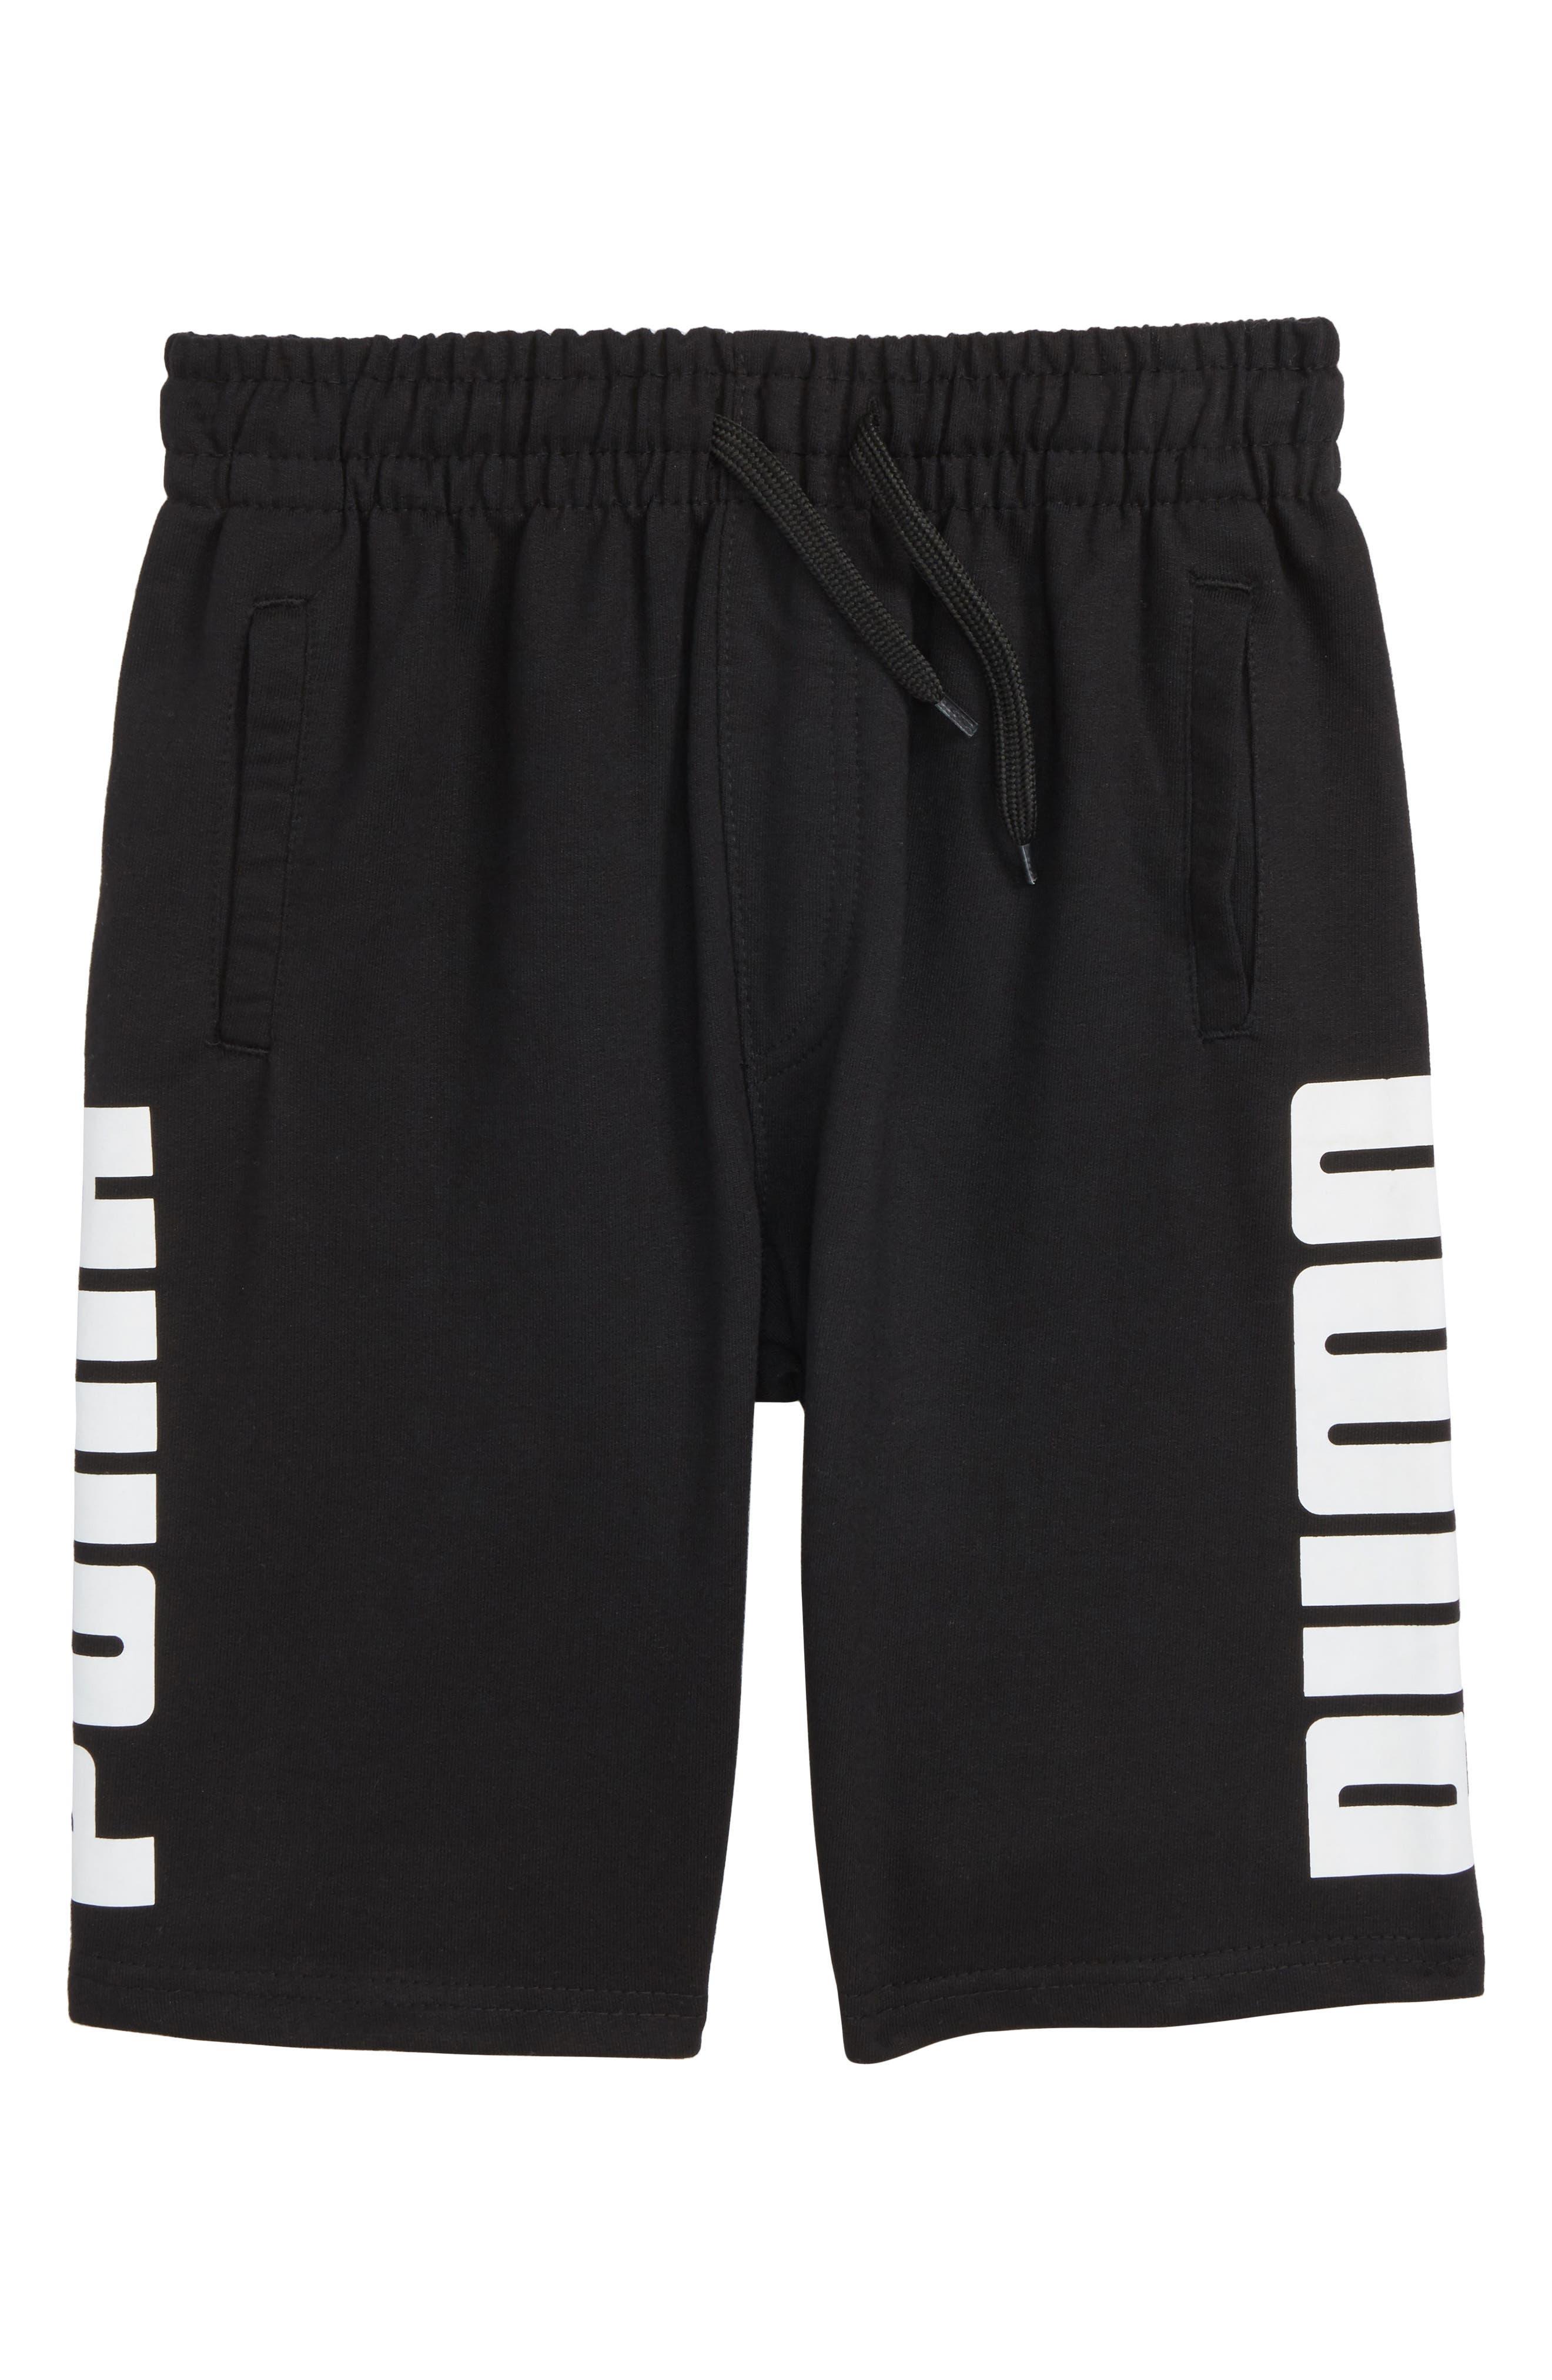 Rebel Knit Shorts,                         Main,                         color, 001